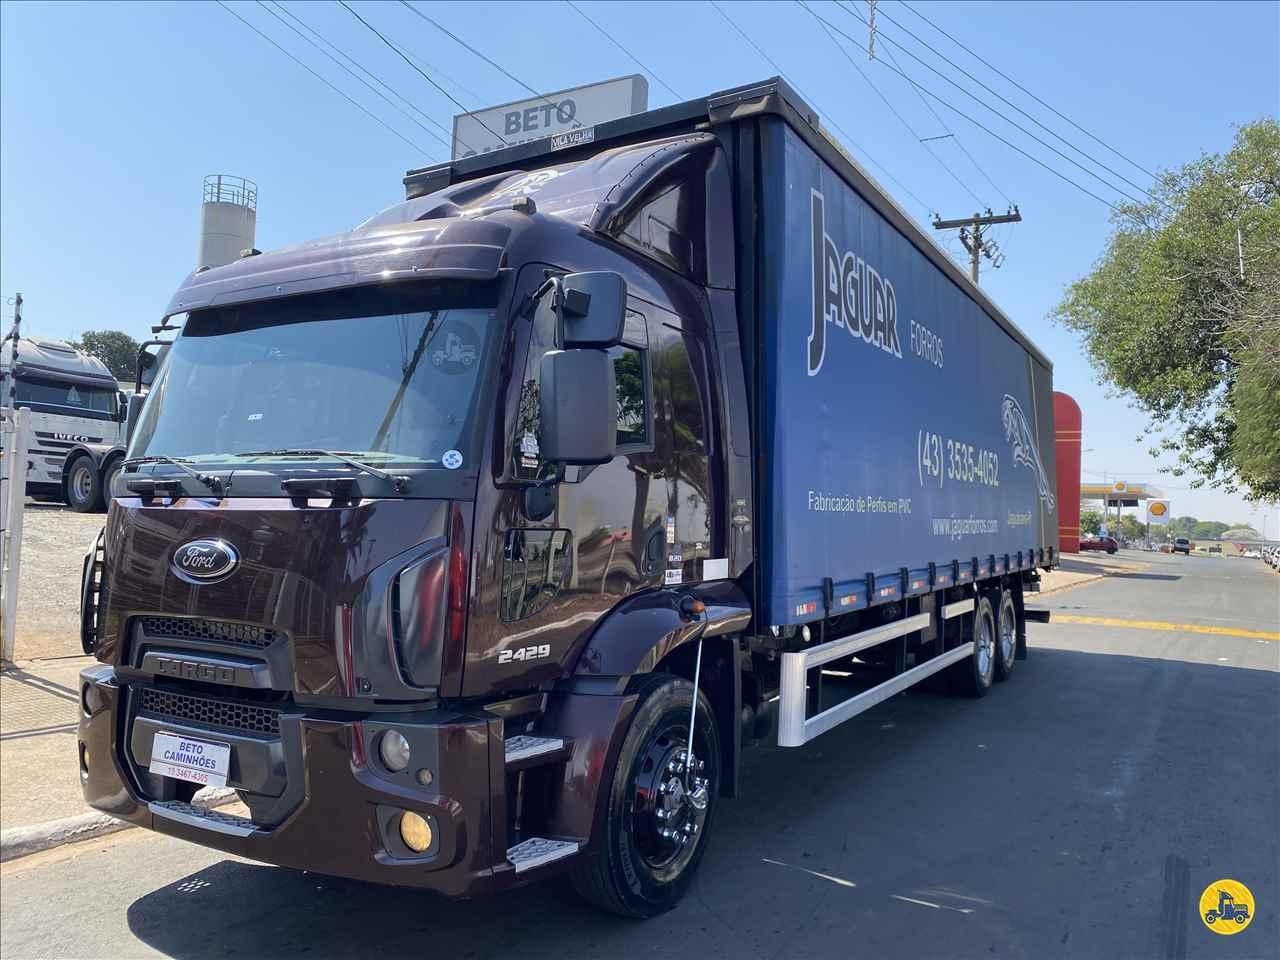 CAMINHAO FORD CARGO 2429 Baú Sider Truck 6x2 Beto Caminhões Piracicaba AMERICANA SÃO PAULO SP